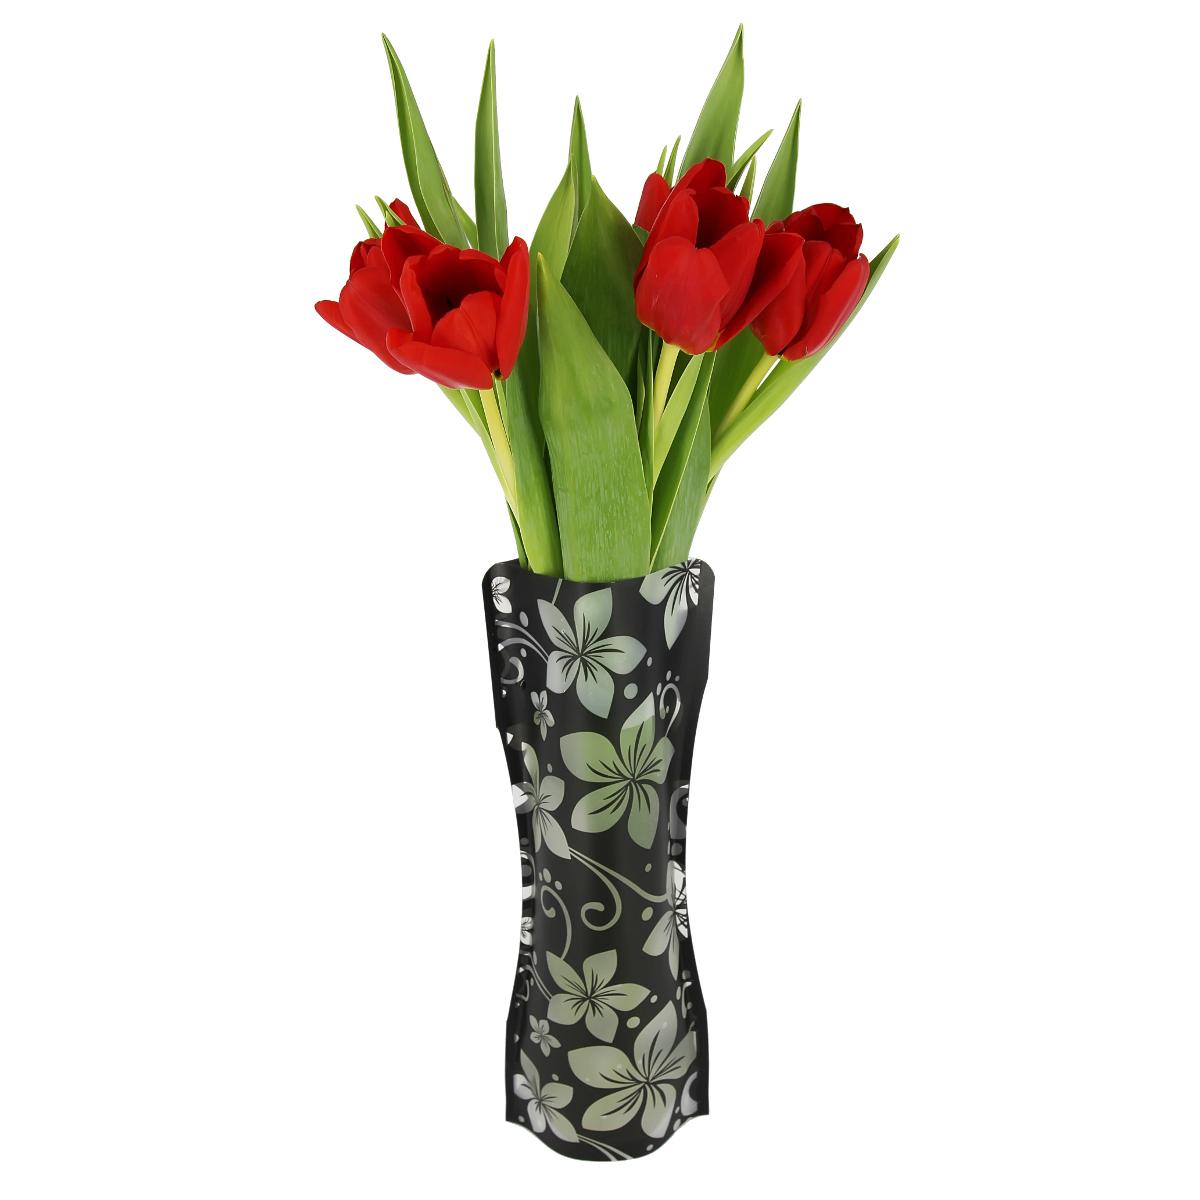 Ваза МастерПроф Черная орхидея, пластичная, 1 л98298123_черныйПластичная ваза Черная орхидея легко складывается, удобно хранится - занимает мало места, долго служит. Всегда пригодится дома, в офисе, на даче, для оформления различных меропритятий. Отлично подойдет для перевозки цветов, или просто в подарок.Инструкция: 1. Наполните вазу теплой водой;2. Дно и стенки расправятся;3. Вылейте воду;4. Наполните вазу холодной водой;5. Вставьте цветы.Меры предосторожности:Хранить вдали от источников тепла и яркого солнечного света. С осторожностью применять для растений с длинными стеблями и с крупными соцветиями, что бы избежать опрокидывания вазы.